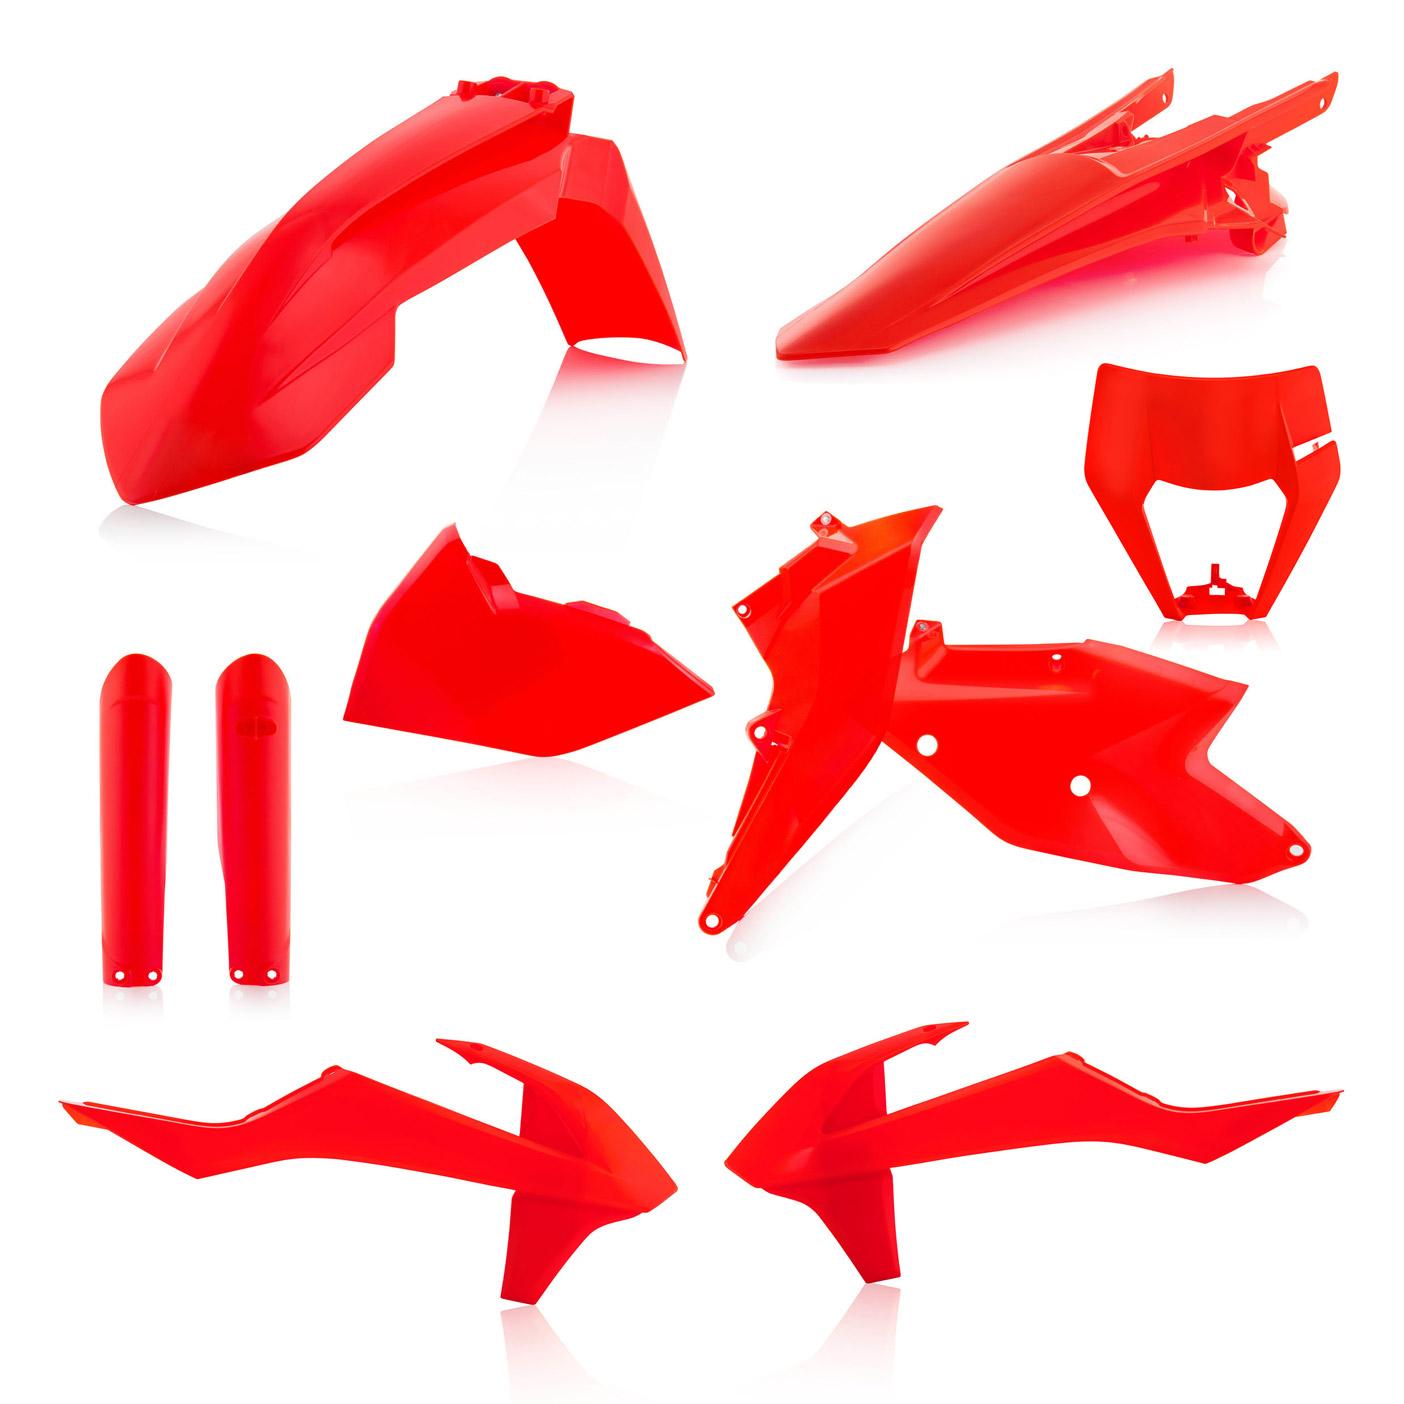 Plastikteile für deine KTM EXC und EXC-F in neon-orange, bestehend aus Frontkotflügel, Heckkotflügel, Tankspoiler, Gabelschoner, Nummerntafeln und Lampenmaske